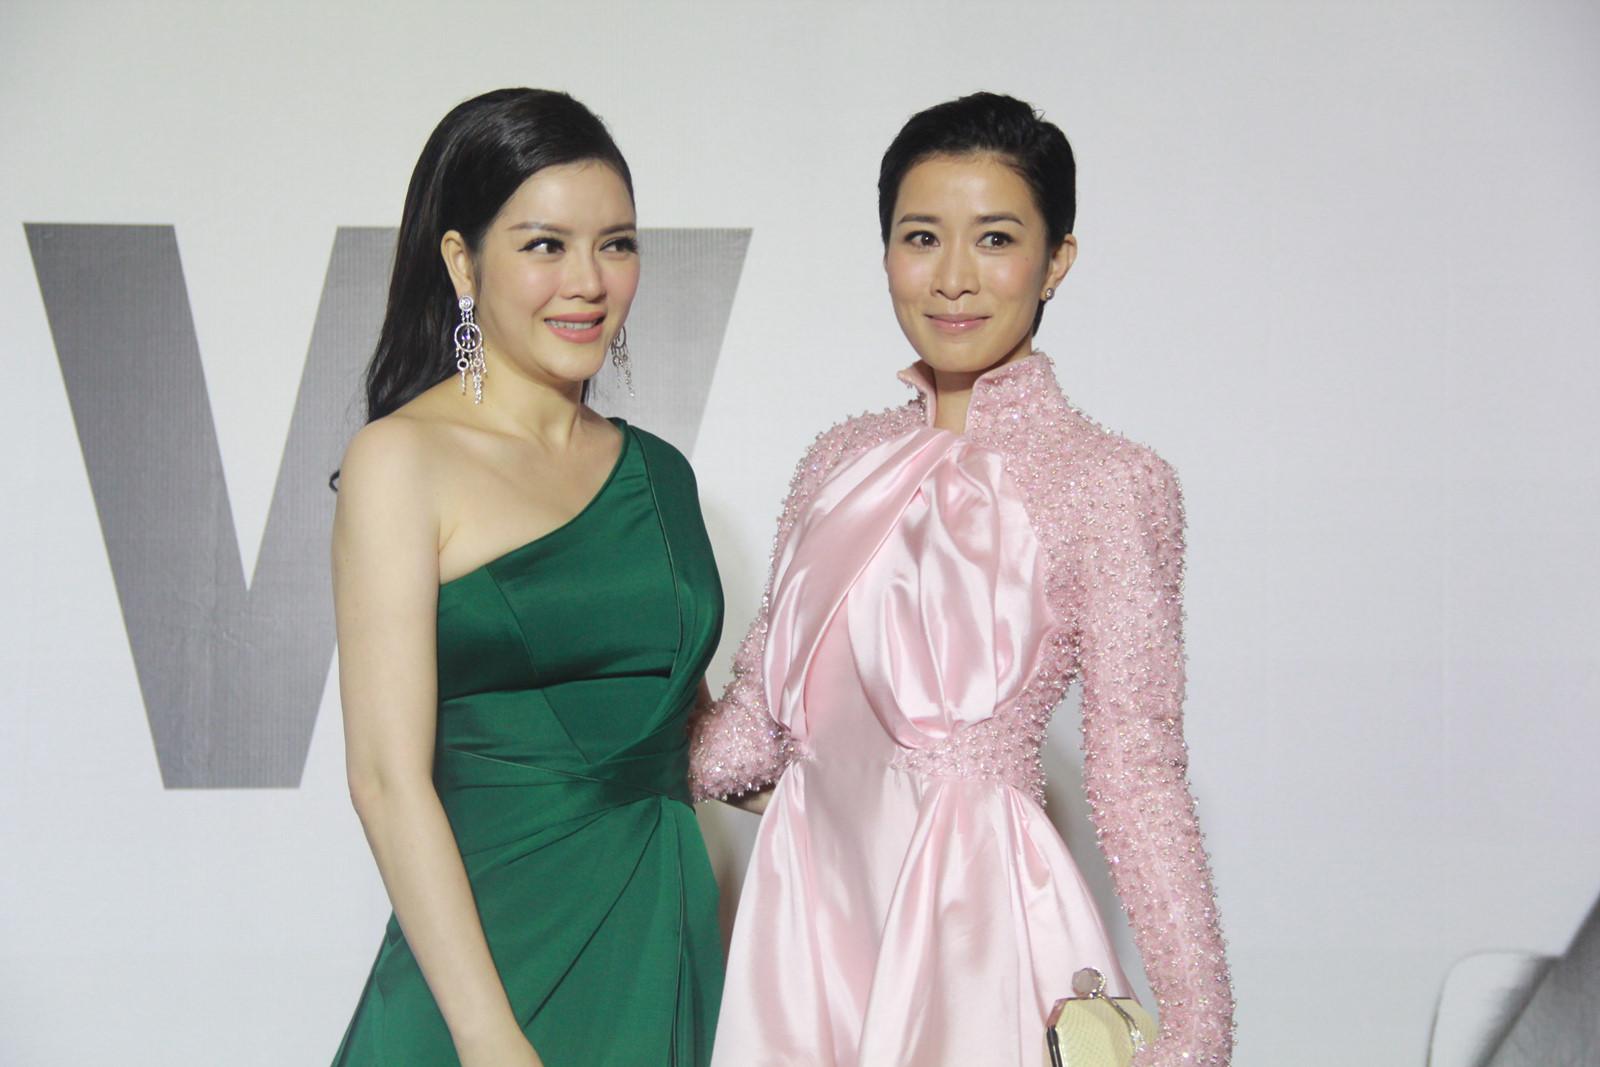 Sao Việt: Những sao Việt khiến fan